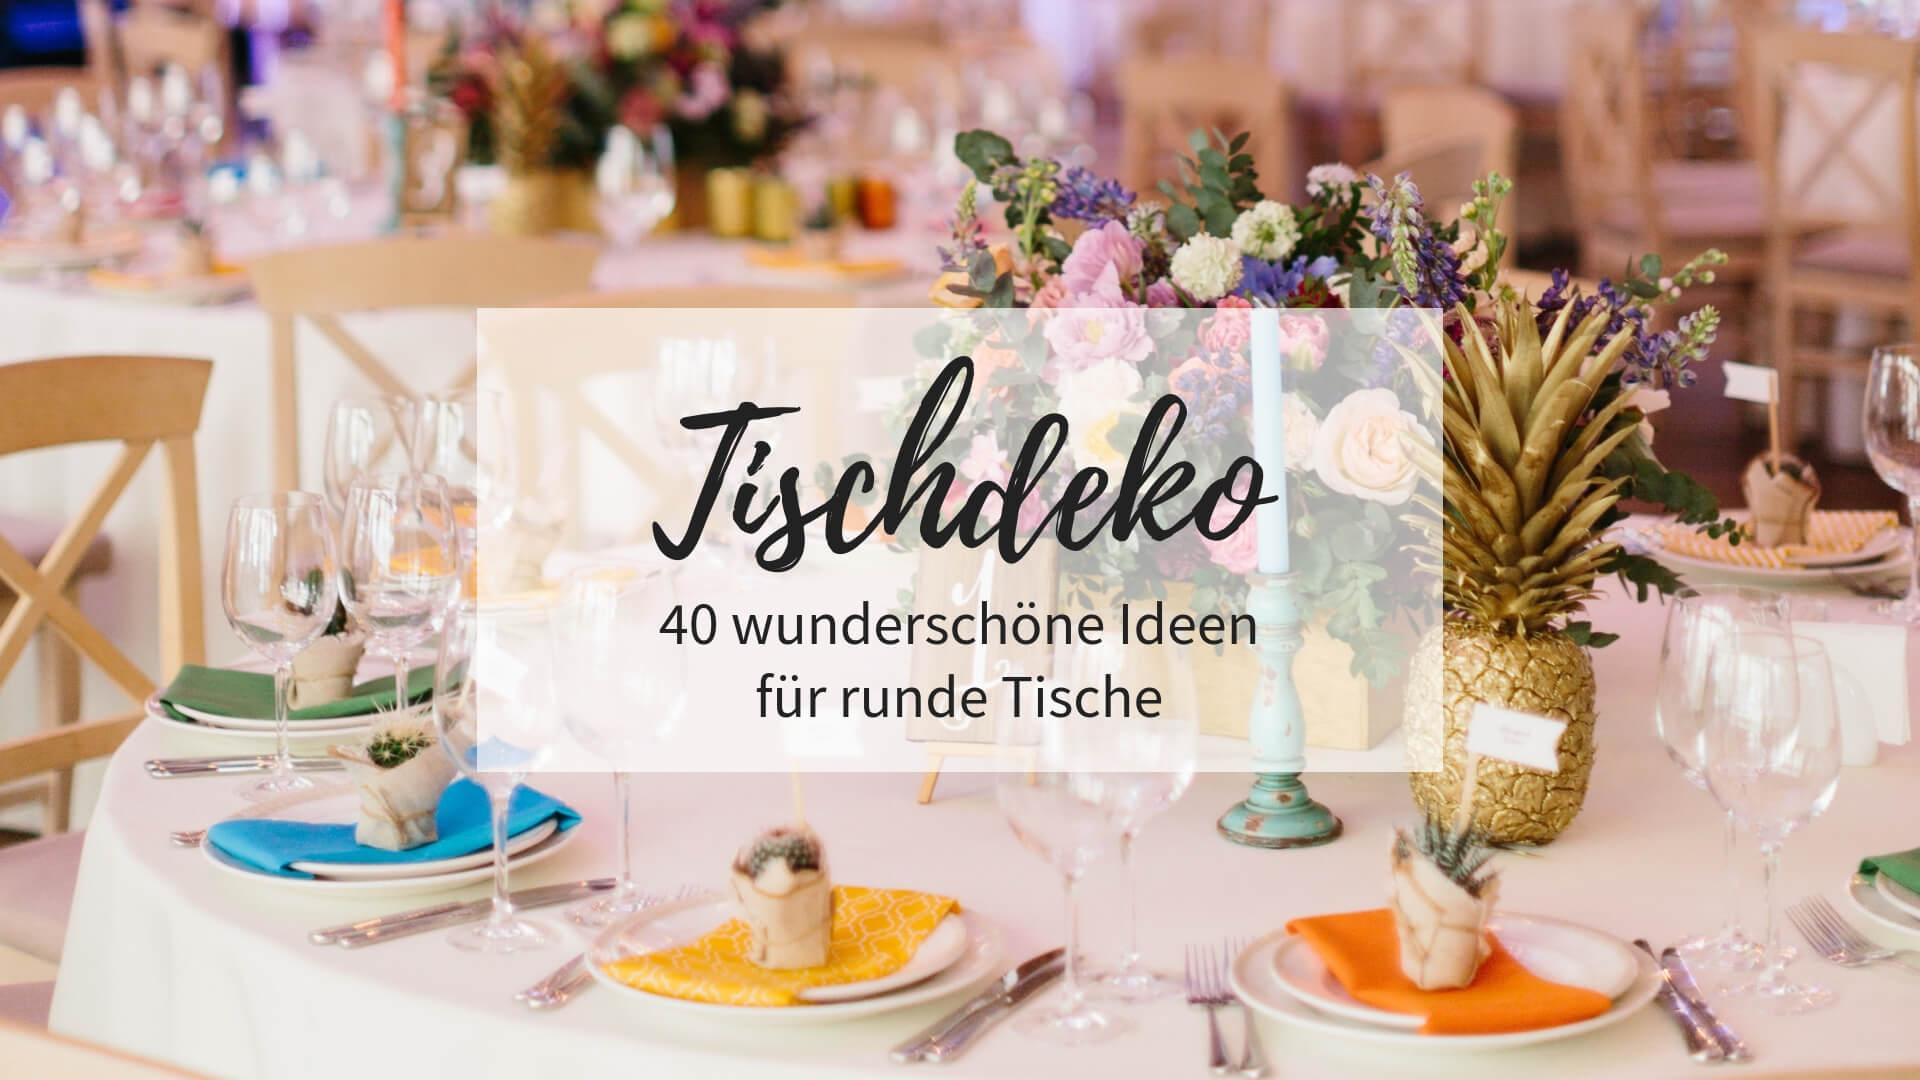 Tischdeko für runde Tische Hochzeit | Mehr Ideen in der